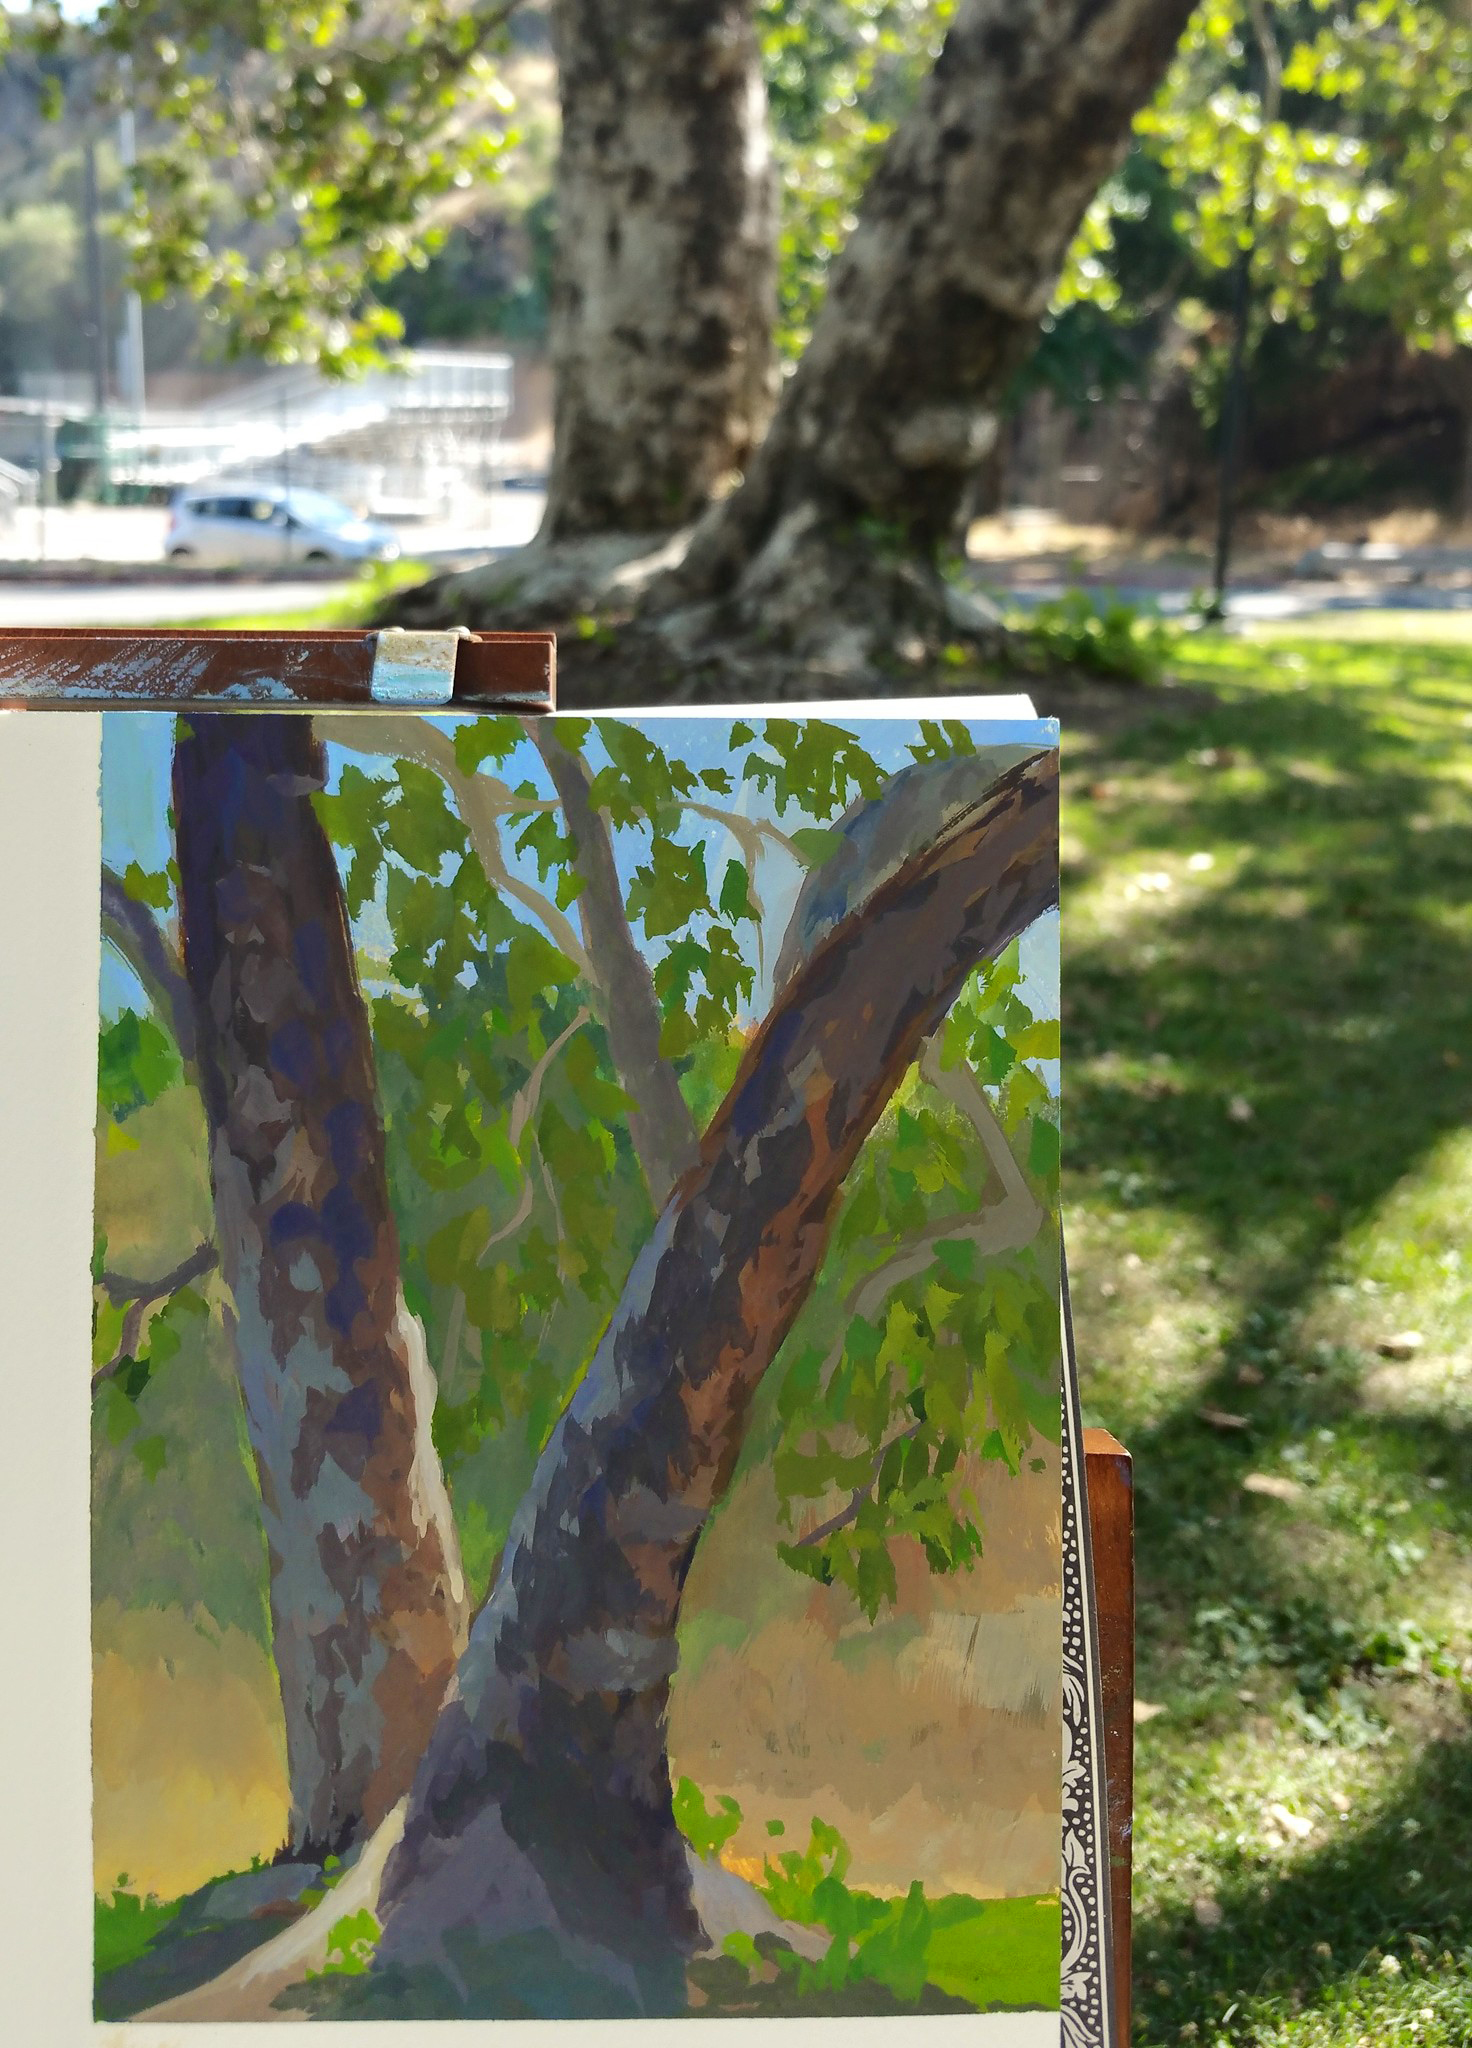 Verdugo Park, CA